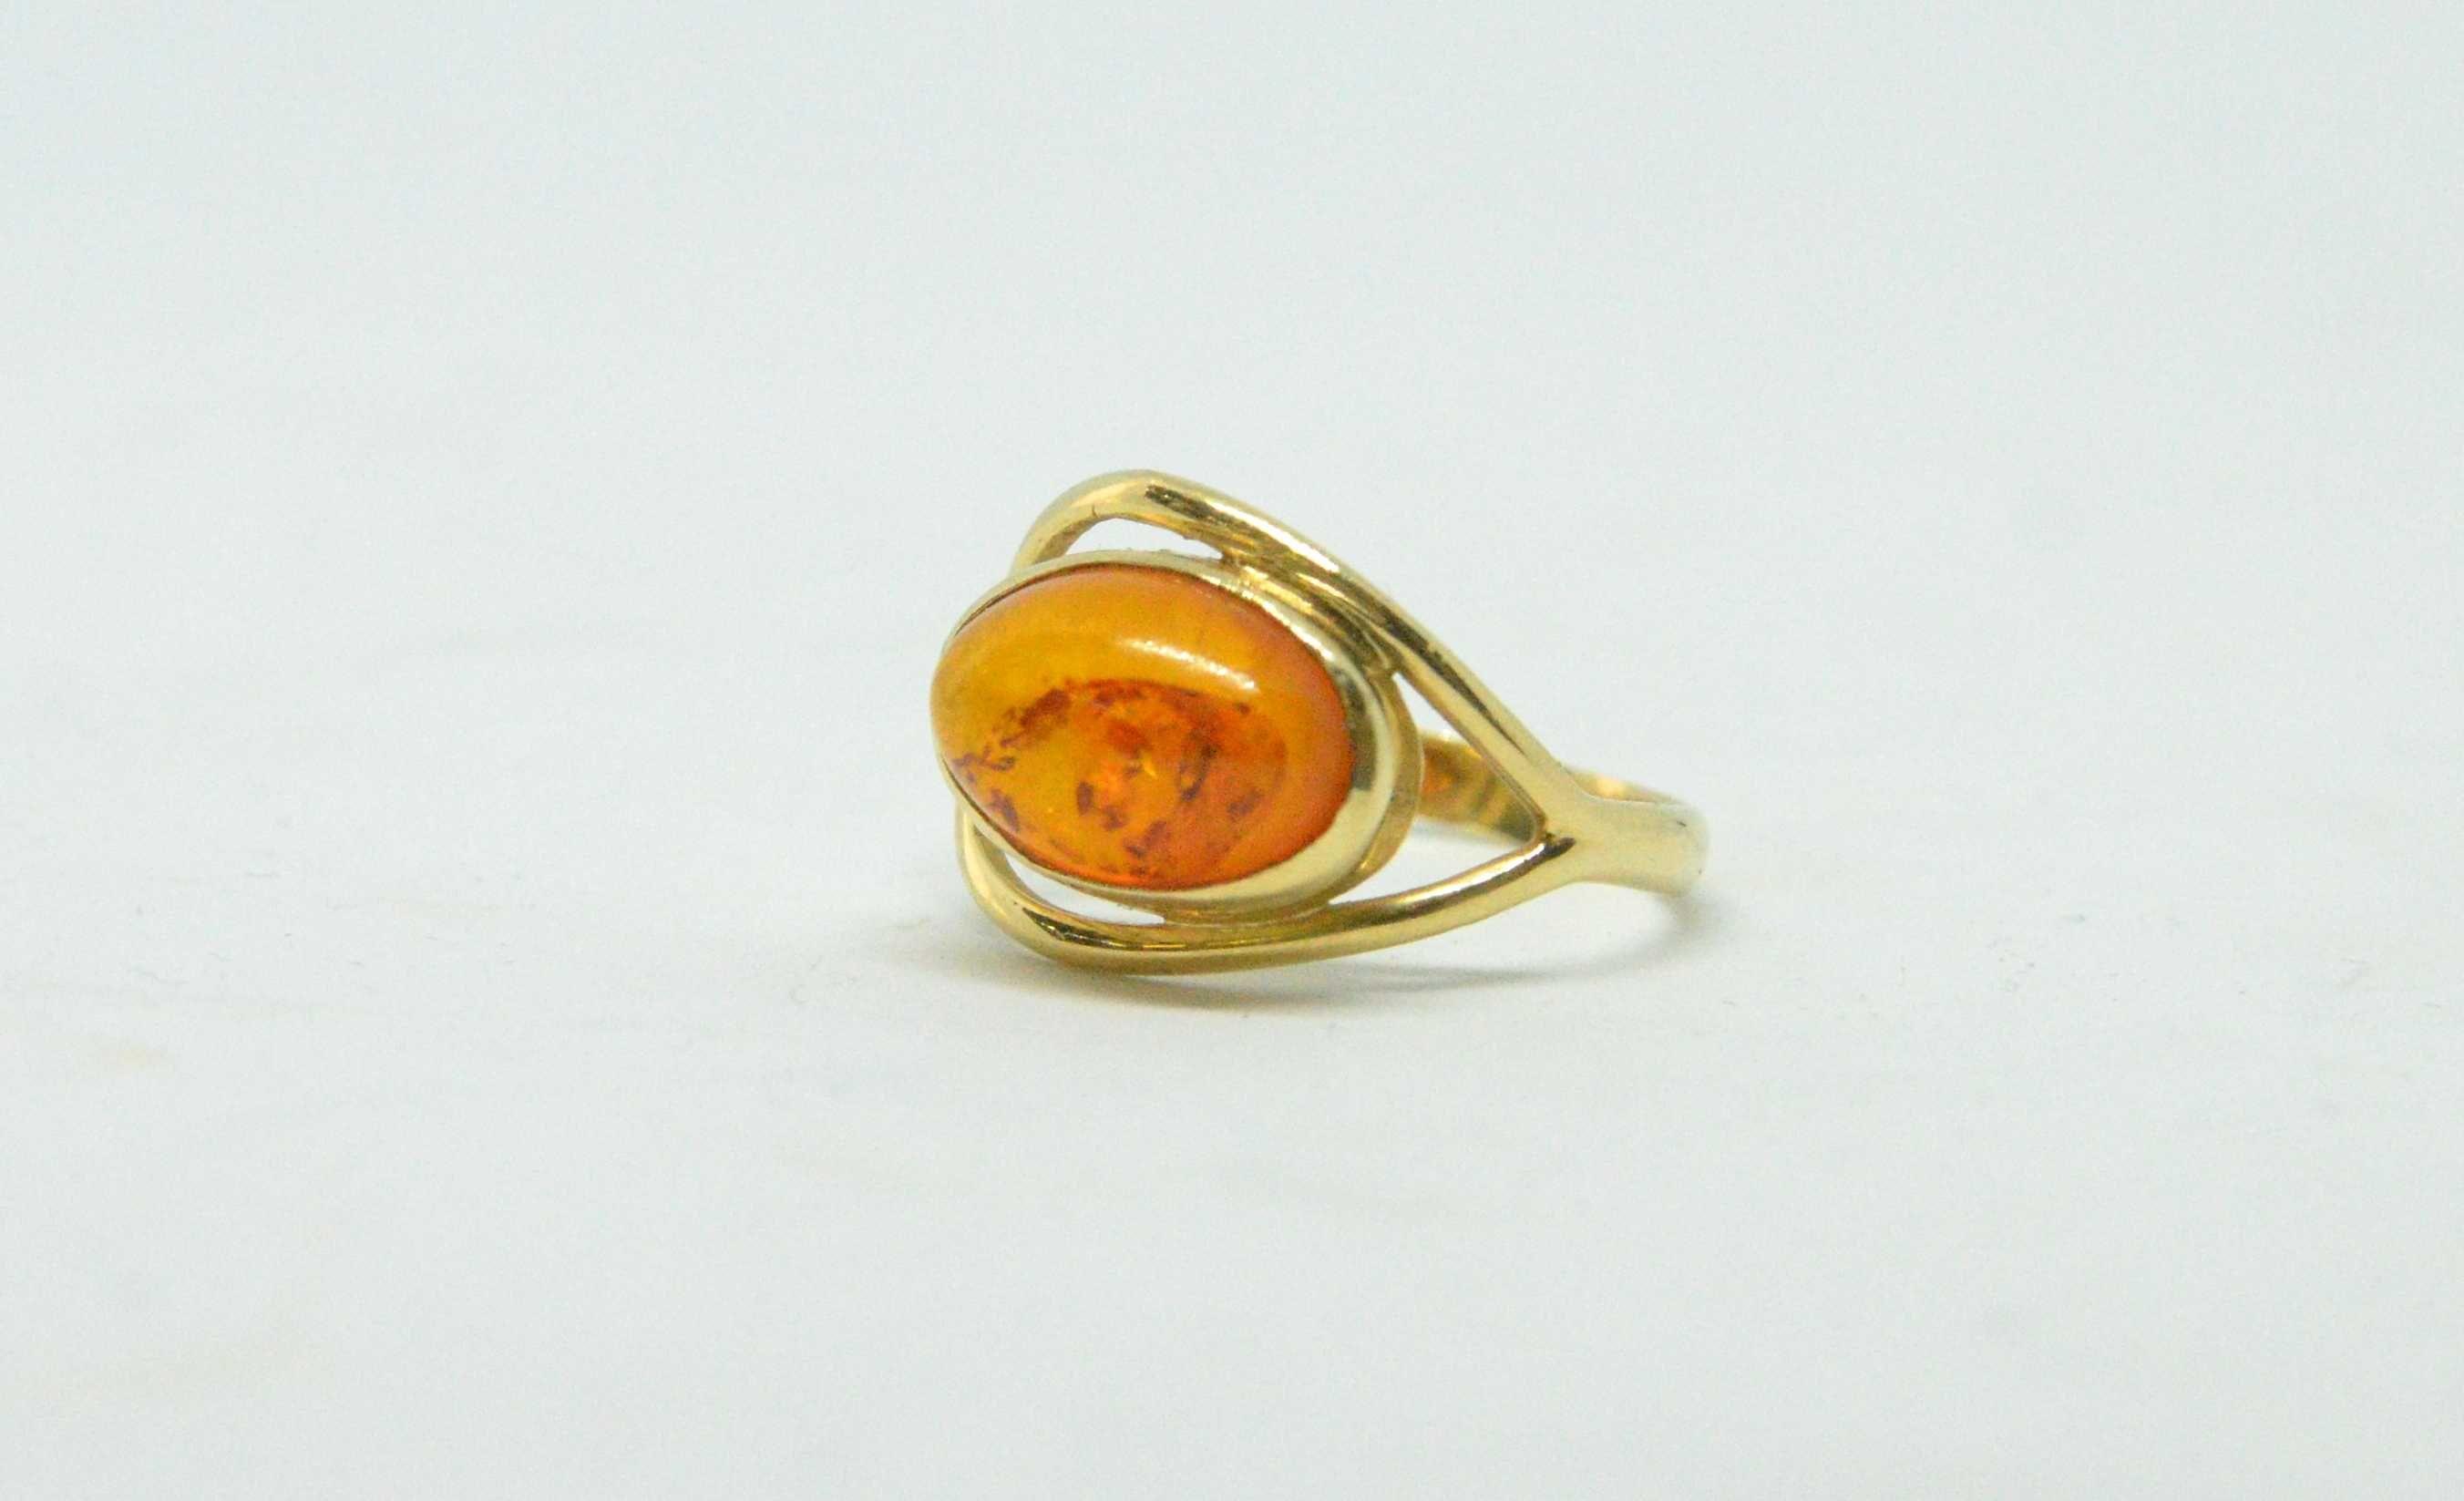 Złoty pierścionek 585 waga 2,47g Rozm. 15 Lombard Tarnów